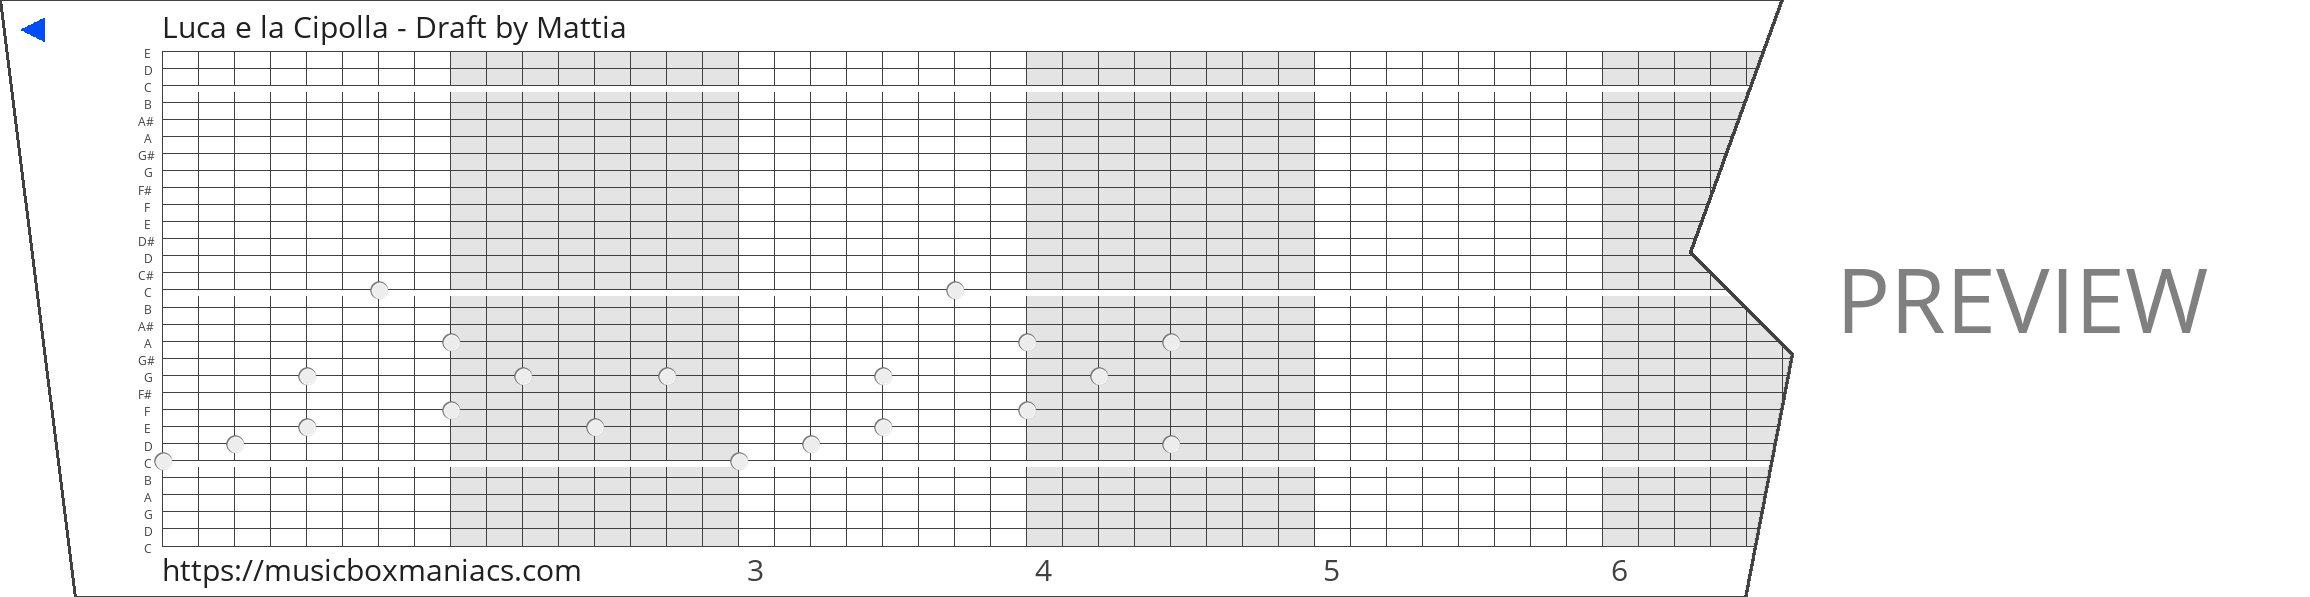 Luca e la Cipolla - Draft 30 note music box paper strip